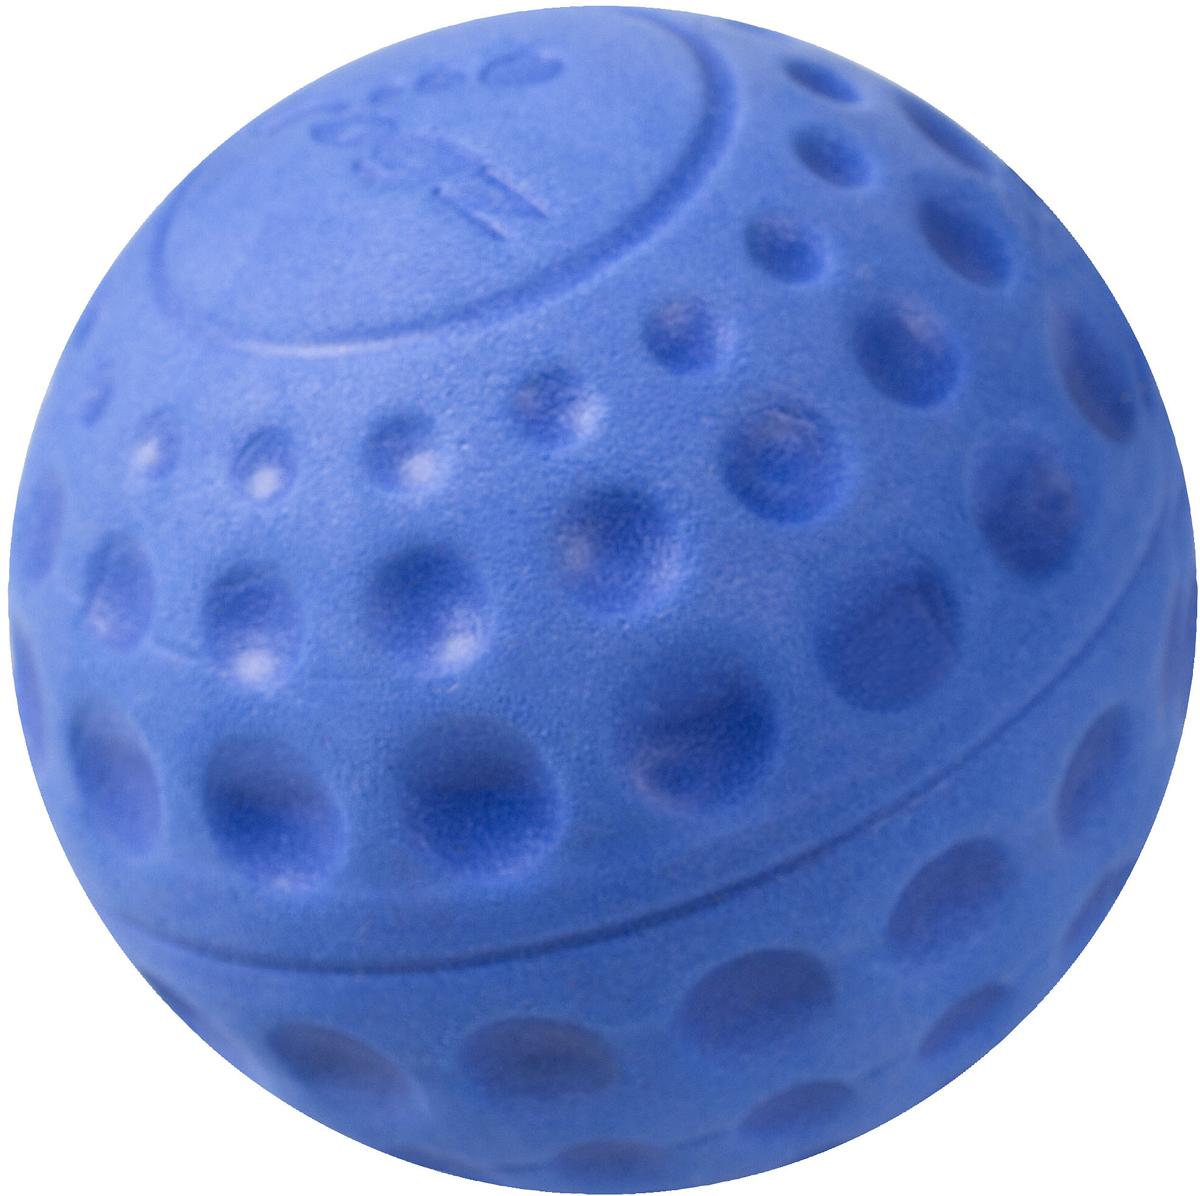 Игрушка для собак Rogz Asteroidz, цвет: синий, диаметр 7,8 смAS04BМяч для собак Rogz Asteroidz предназначен для игры с хозяином Принеси.Мяч имеет небольшой вес, не травмирует десны, не повреждает зубы, удобно носить в пасти.Отличная упругость для подпрыгивания.Изготовлено из особого термоэластопласта Sebs, обеспечивающего великолепную плавучесть в воде, поэтому игрушка отлично подходит для игры в водоеме. Материал изделия: EVA (этиленвинилацетат) - легкий мелкопористый материал, похожий на застывшую пену.Не токсичен.